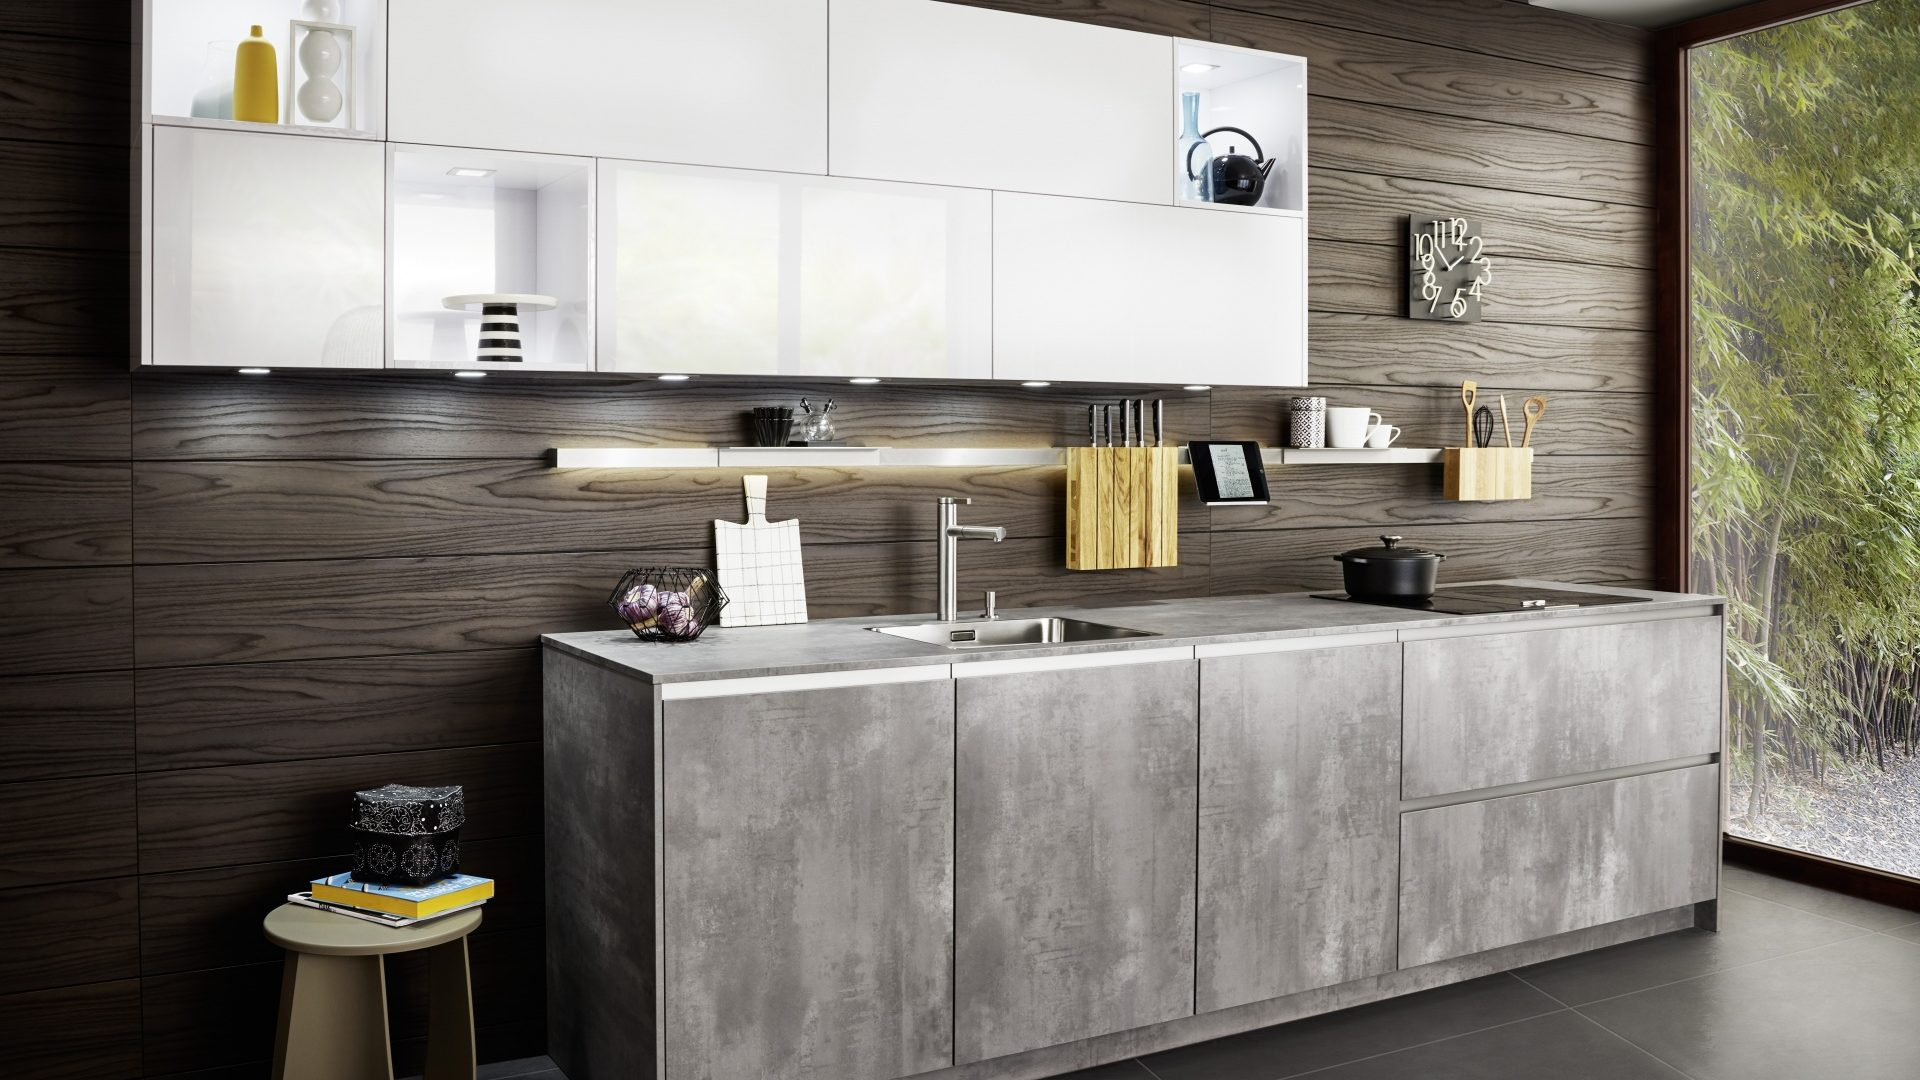 liste cuisiniste beautiful cuisiniste le mans new cuisiniste le mans luxe enzo accueil ides de. Black Bedroom Furniture Sets. Home Design Ideas